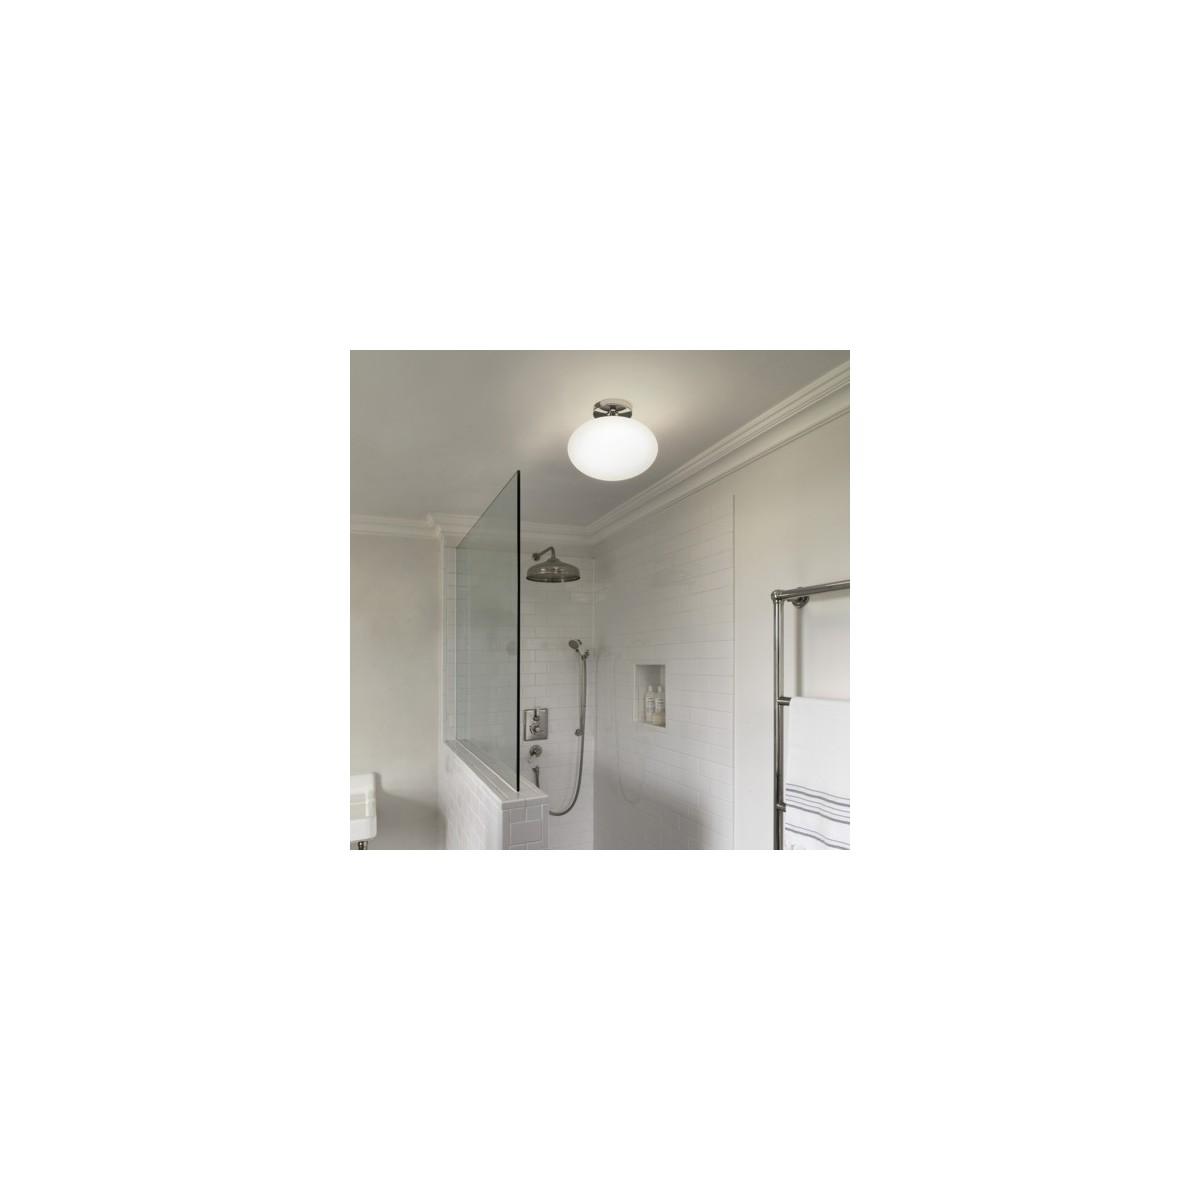 Astro Zeppo Ceiling Sufitowa 1x60W Max E27 Chrom Polerowany IP44 1176001